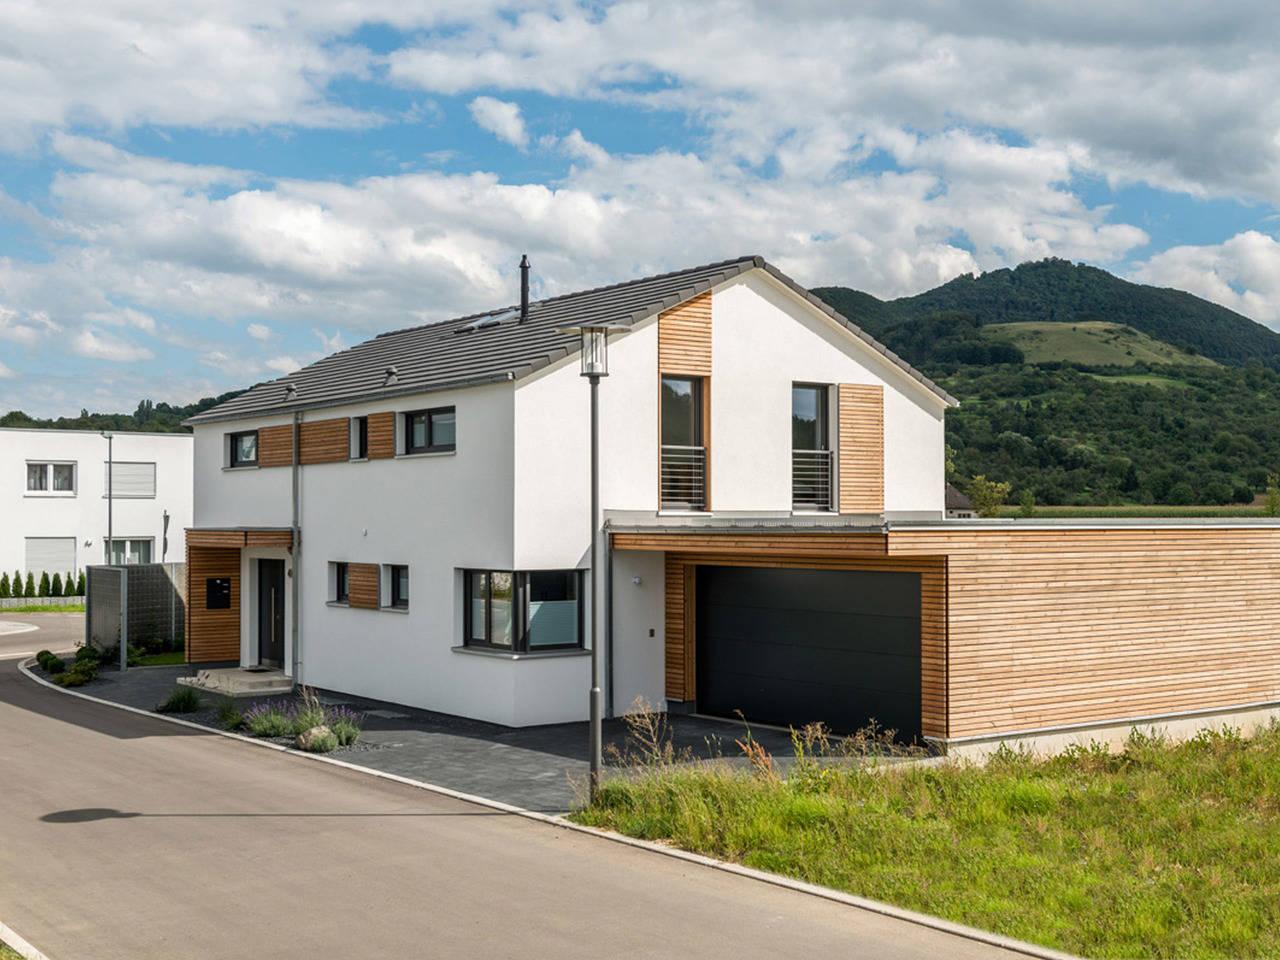 Frammelsberger Holzhaus Haus Design 188